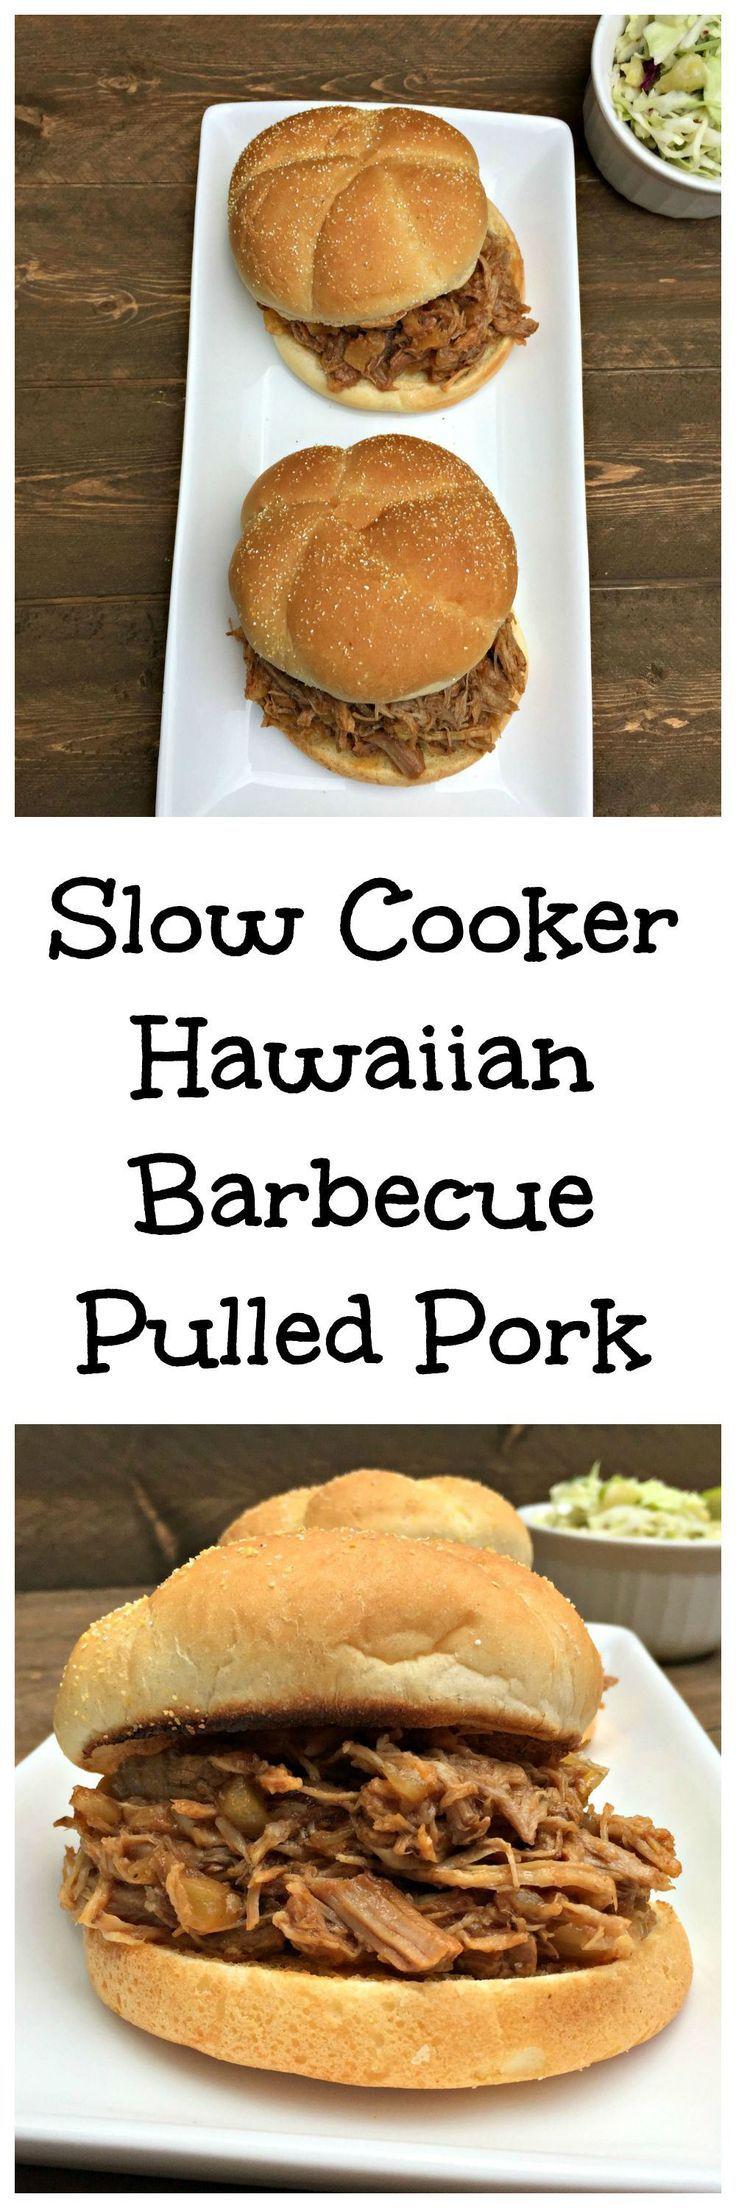 Hawaiian Pulled Pork Recipe: Hawaiian Barbecue Pulled Pork Slow Cooker